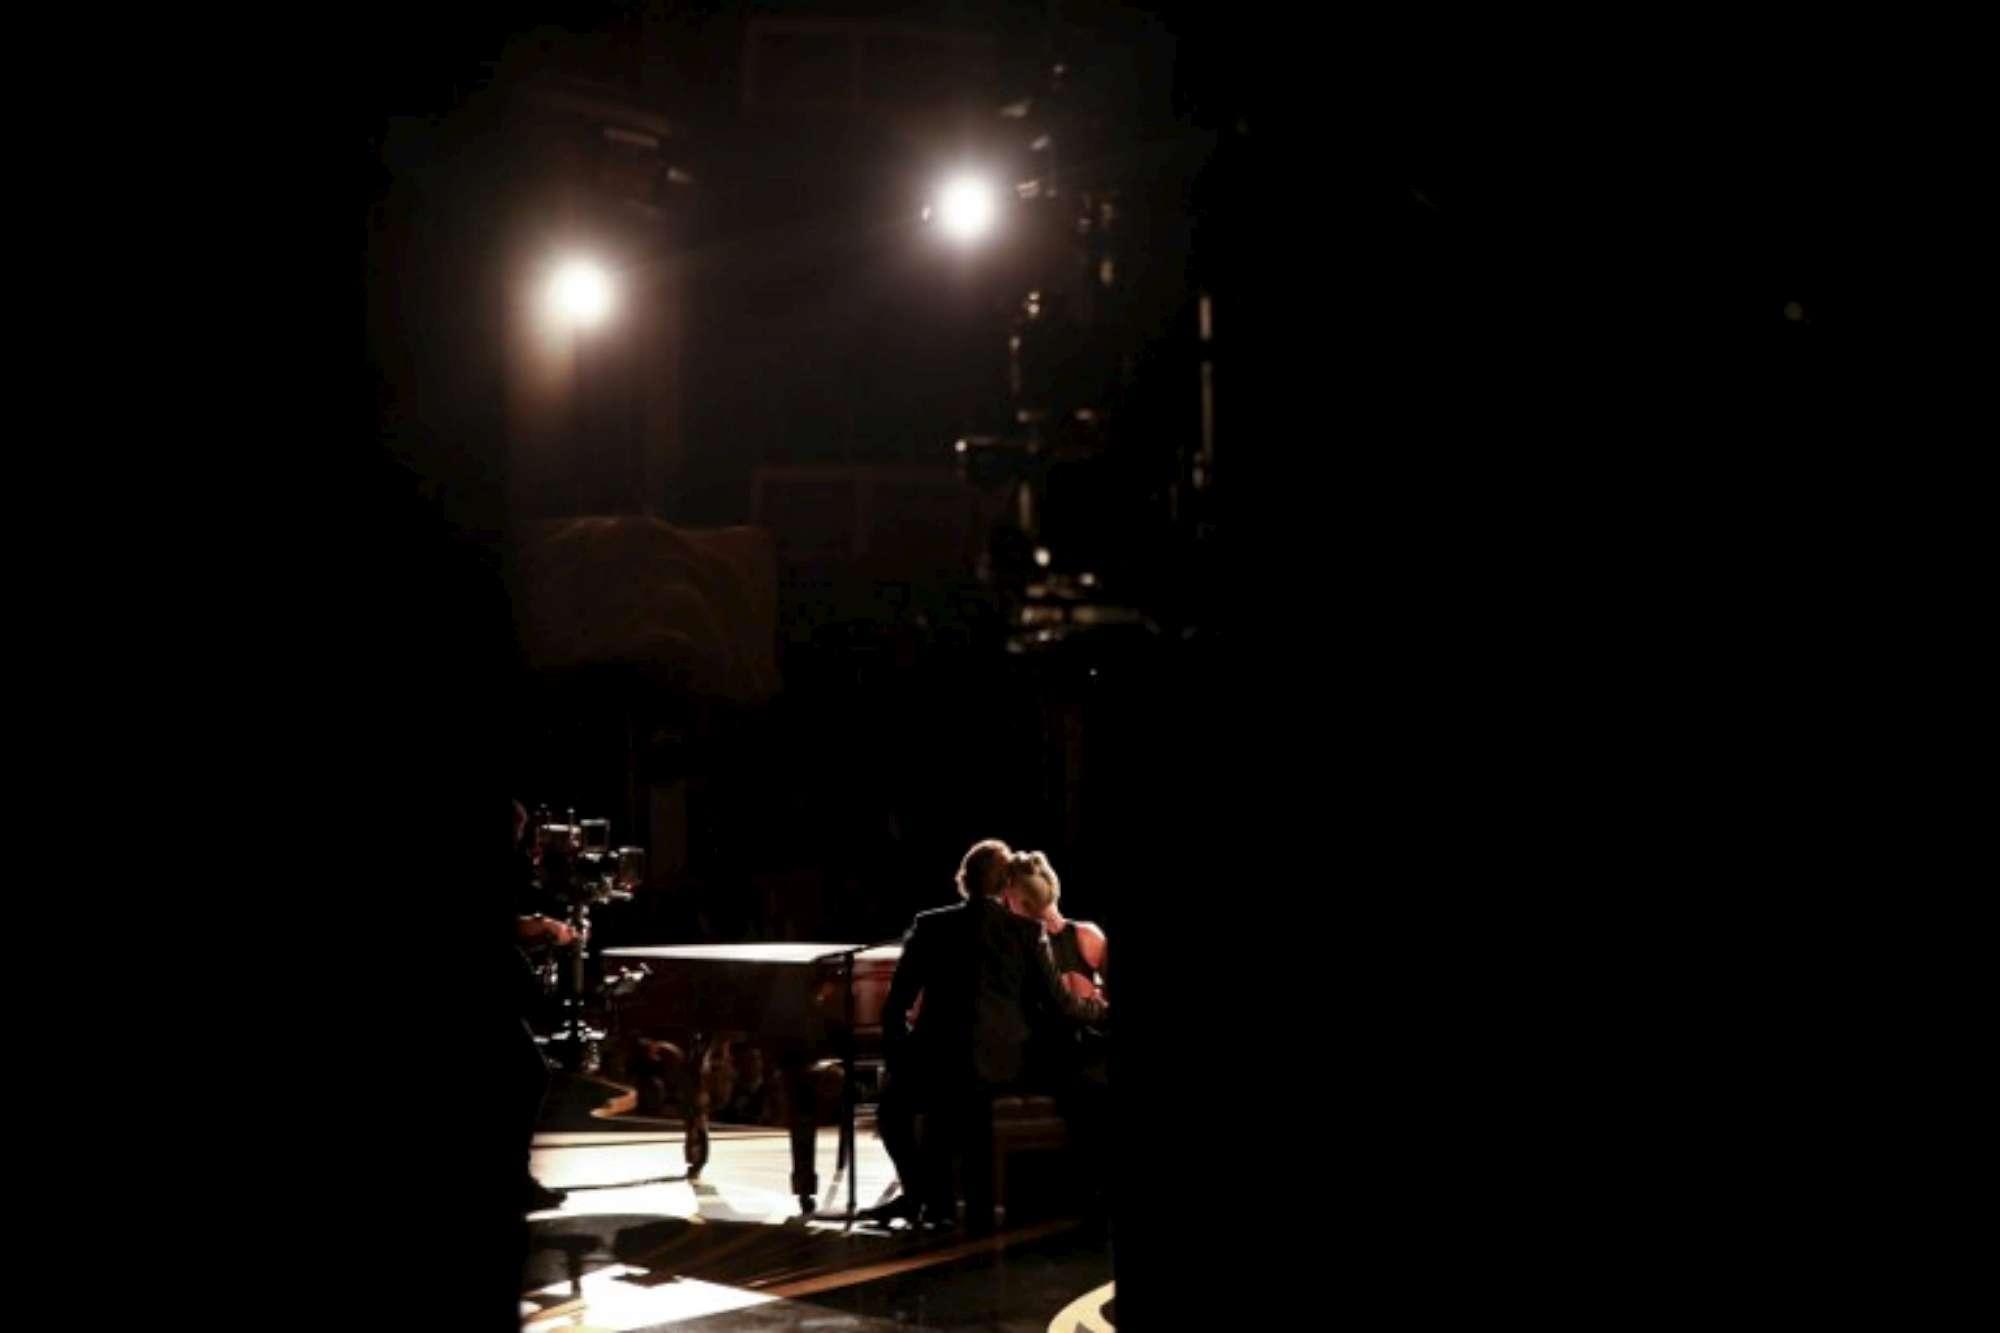 Oscar 2019, gli scatti particolari dal backstage